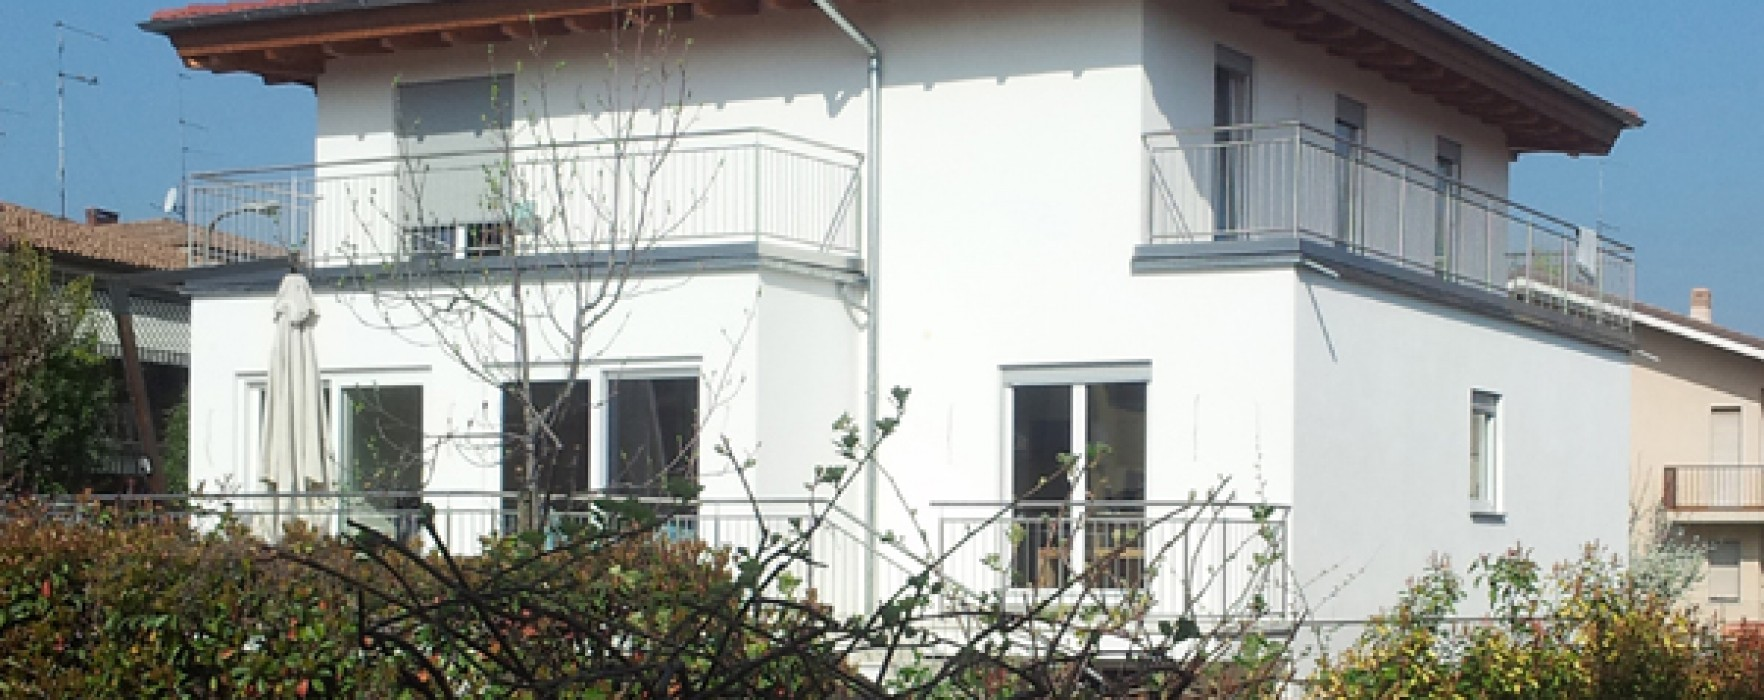 ristrutturare le case prefabbricate